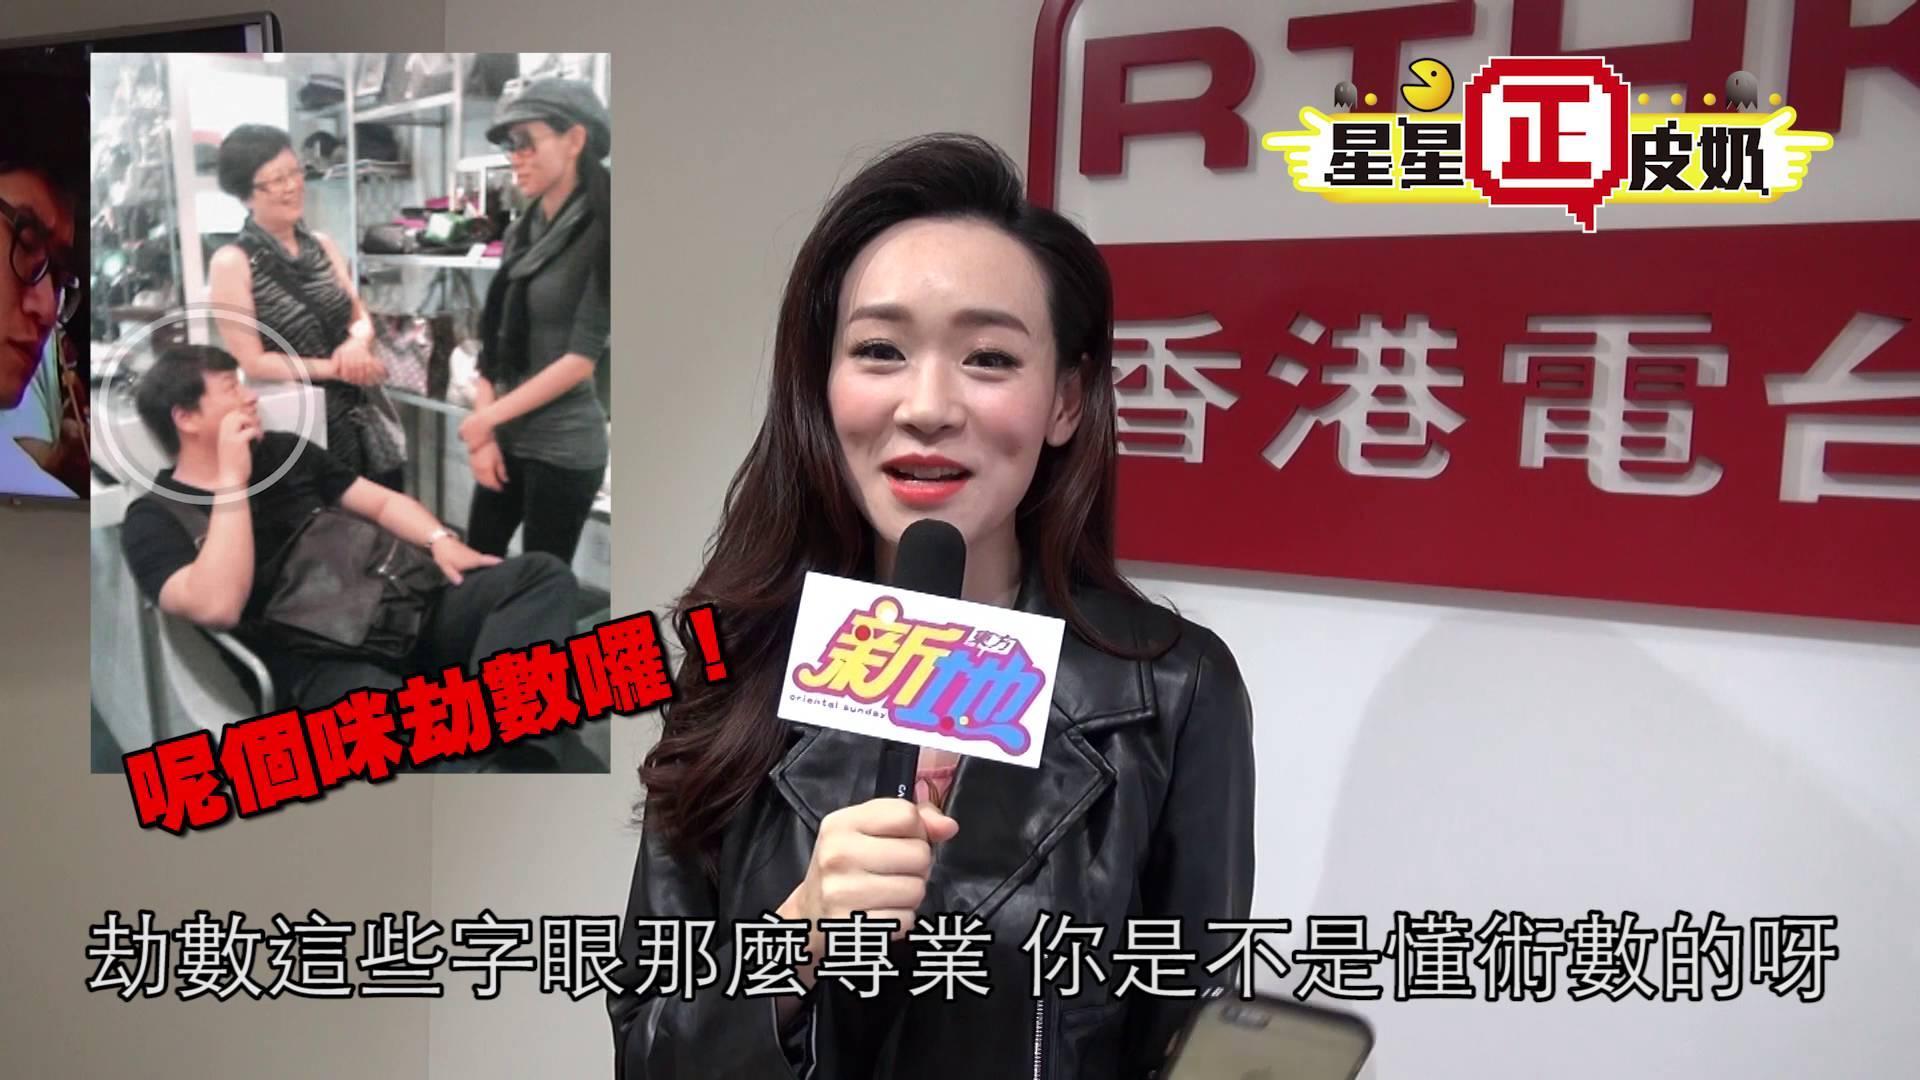 楊思琦唔介意識富豪【星星正皮奶】|東方新地